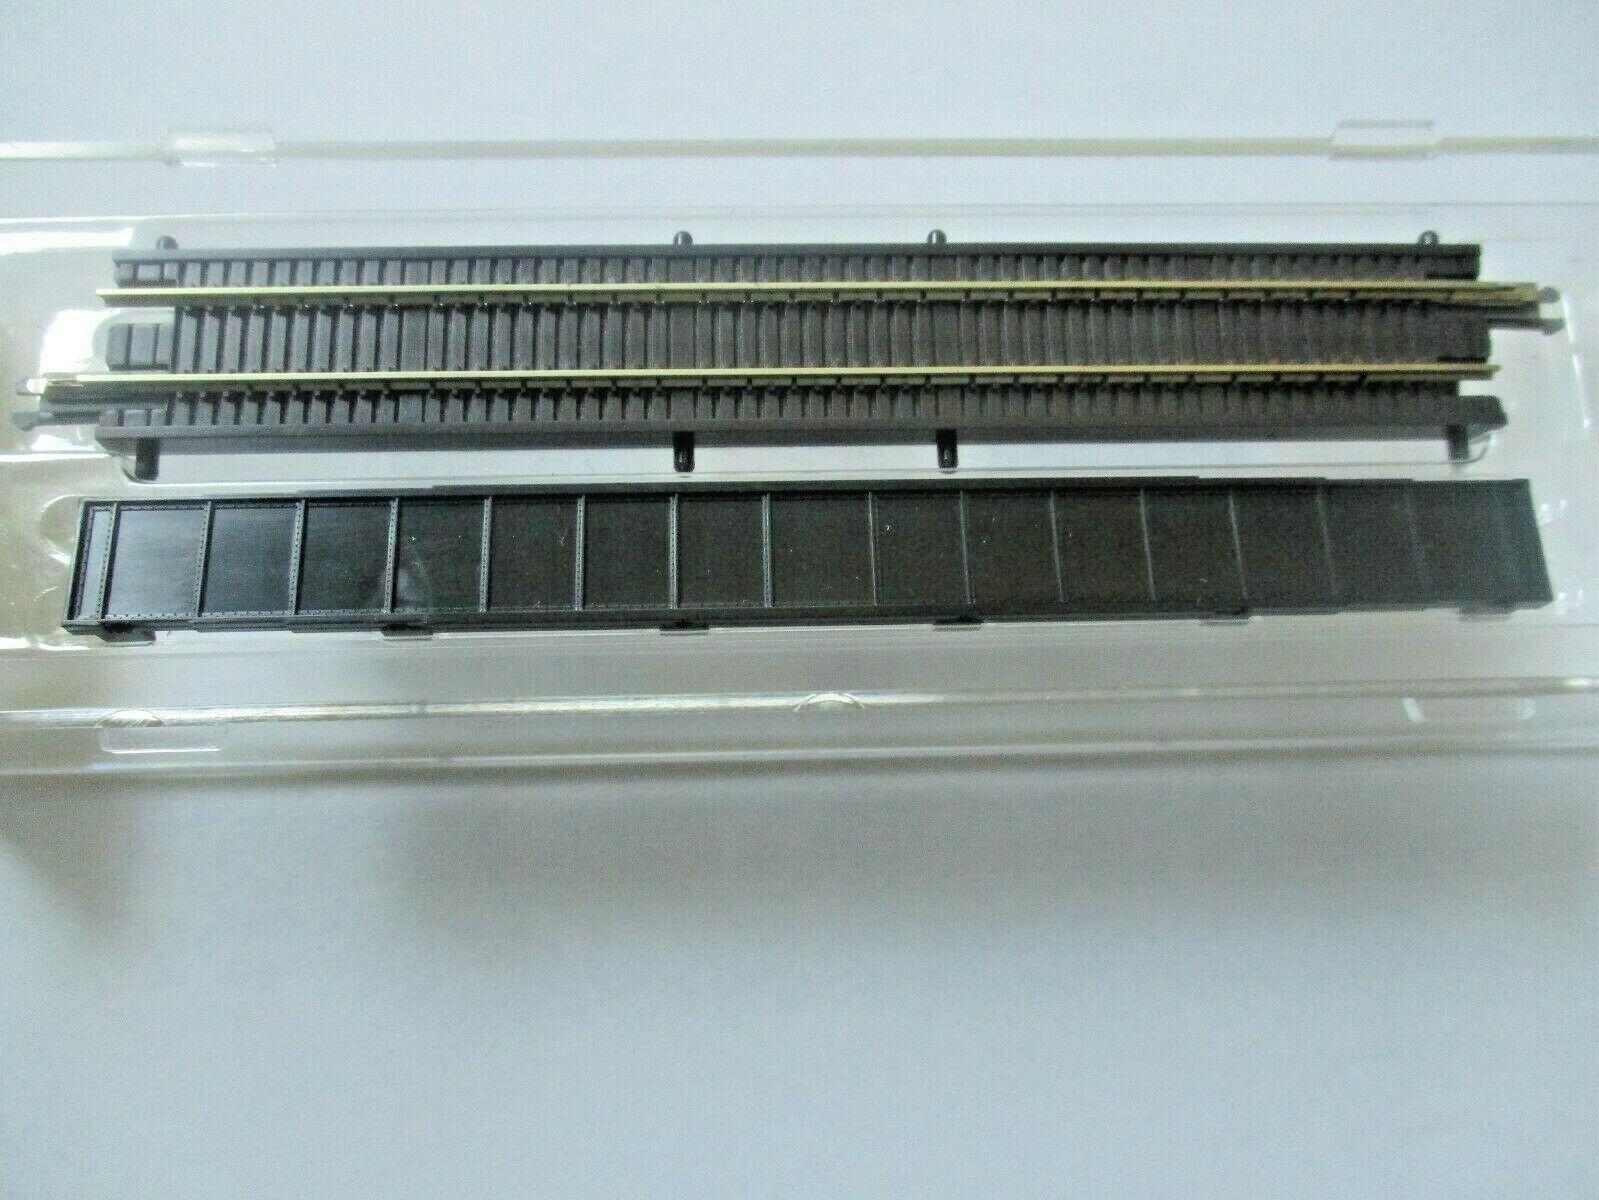 Micro-Trains Micro-Track # 99040950 Girder Bridge  (Black)   Z-Scale